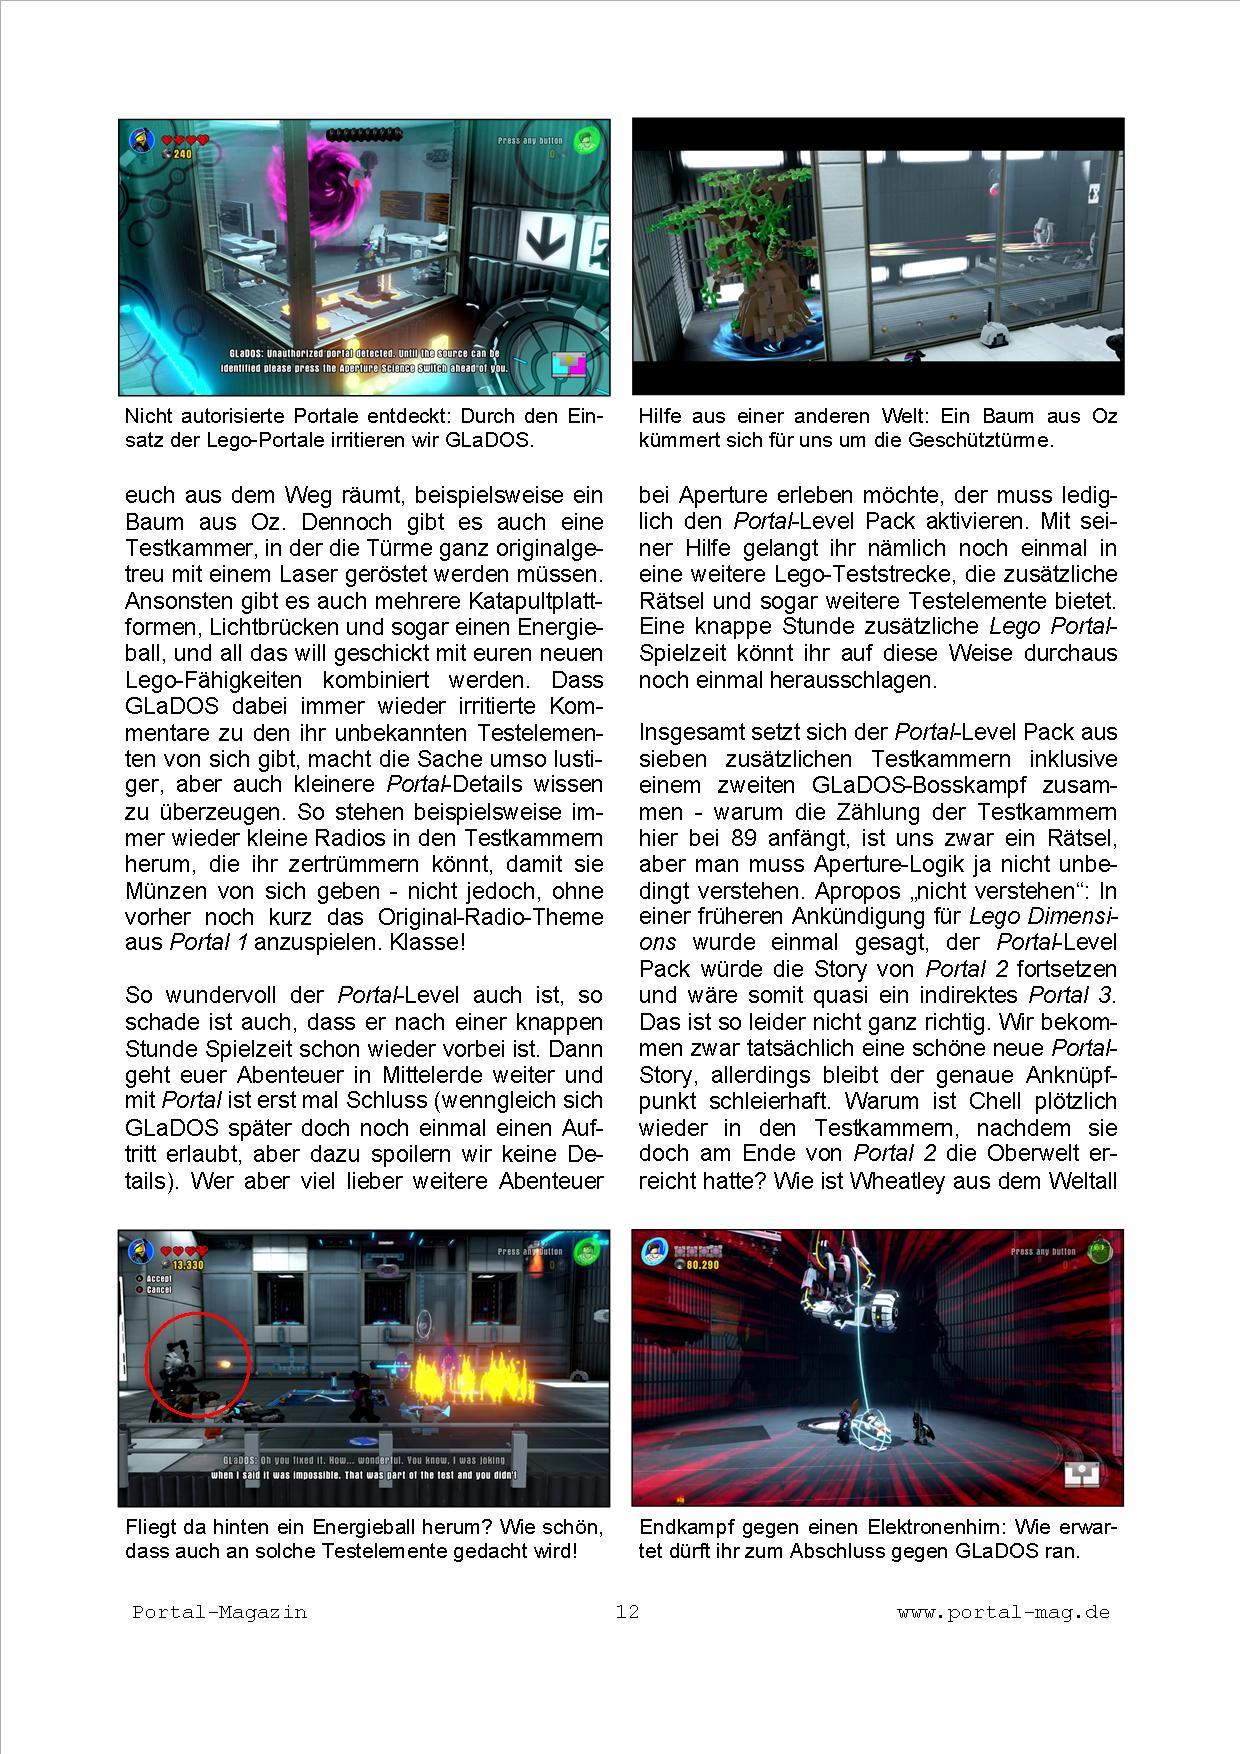 Ausgabe 32, Seite 12